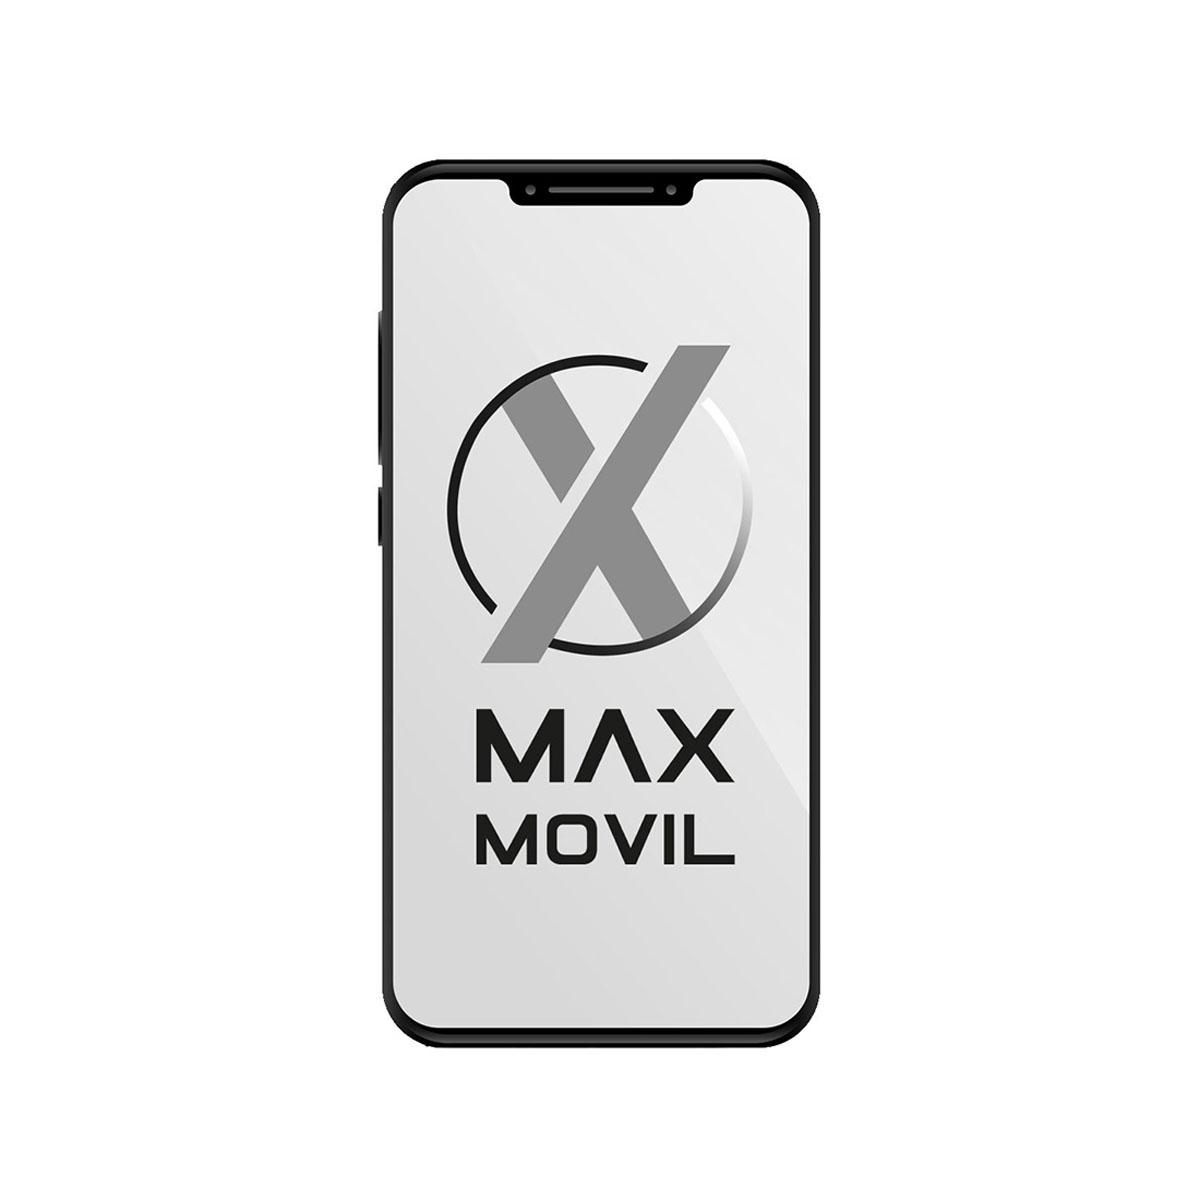 Lector tarjetas externo Tacens anima USB 52 en 1 con lector de  SIM y DNI electronico ACRM2